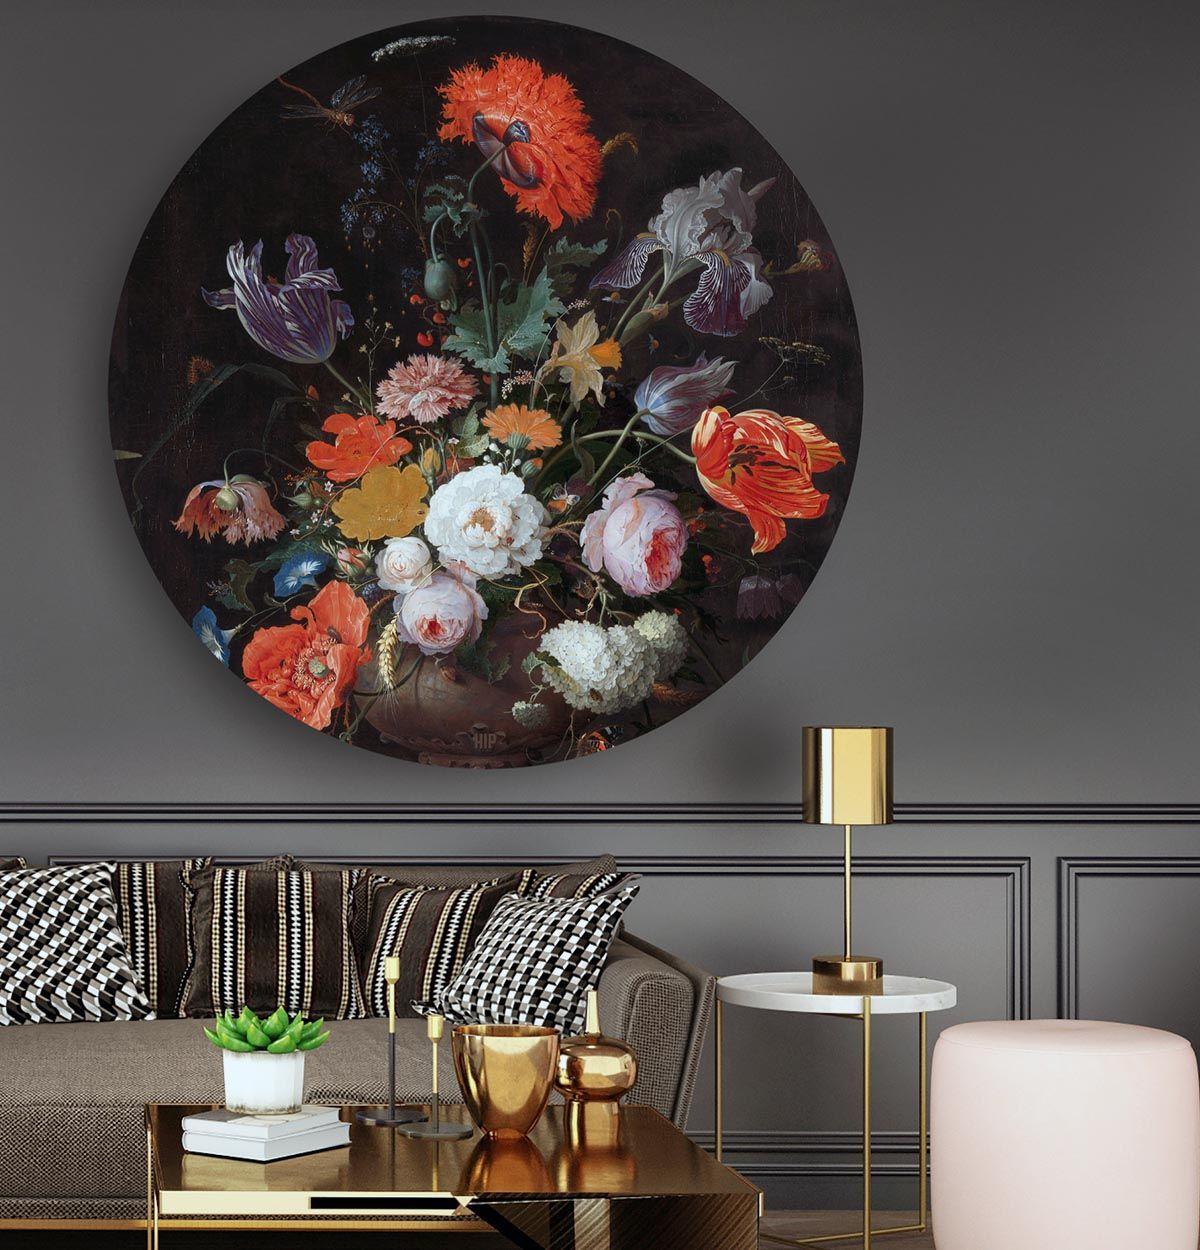 Stilleven Met Bloemen En Een Horloge In Het Rond Schilderij Hip Orgnl Wanddecoraties Schilderij Decoratie